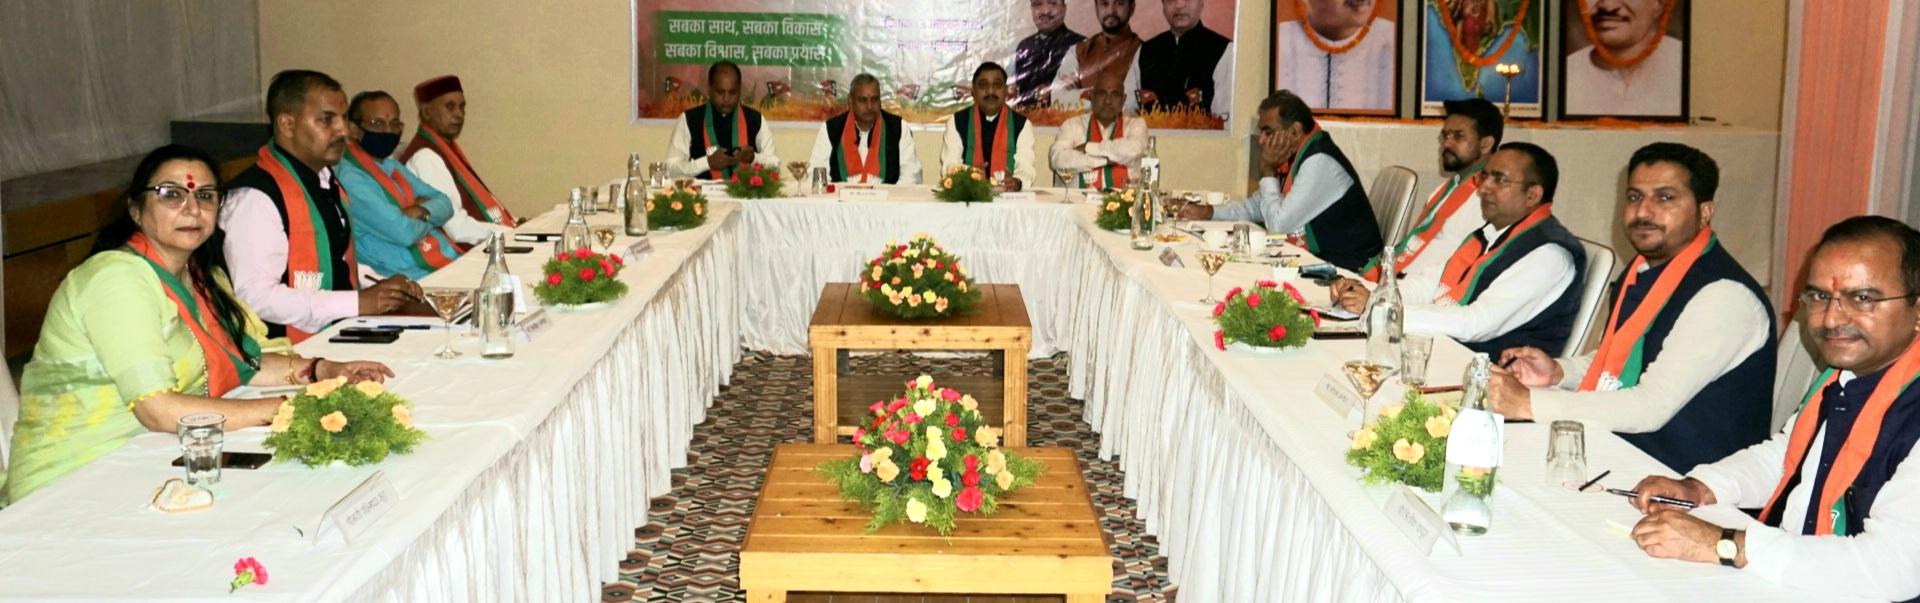 भाजपा चुनाव समिति की बैठक धर्मशाला में सम्पन्न,  सुरेश कश्यप की अध्यक्षता में टिकटों को लेकर हुआ मंथन, चारों सीटें जीतने का दावा